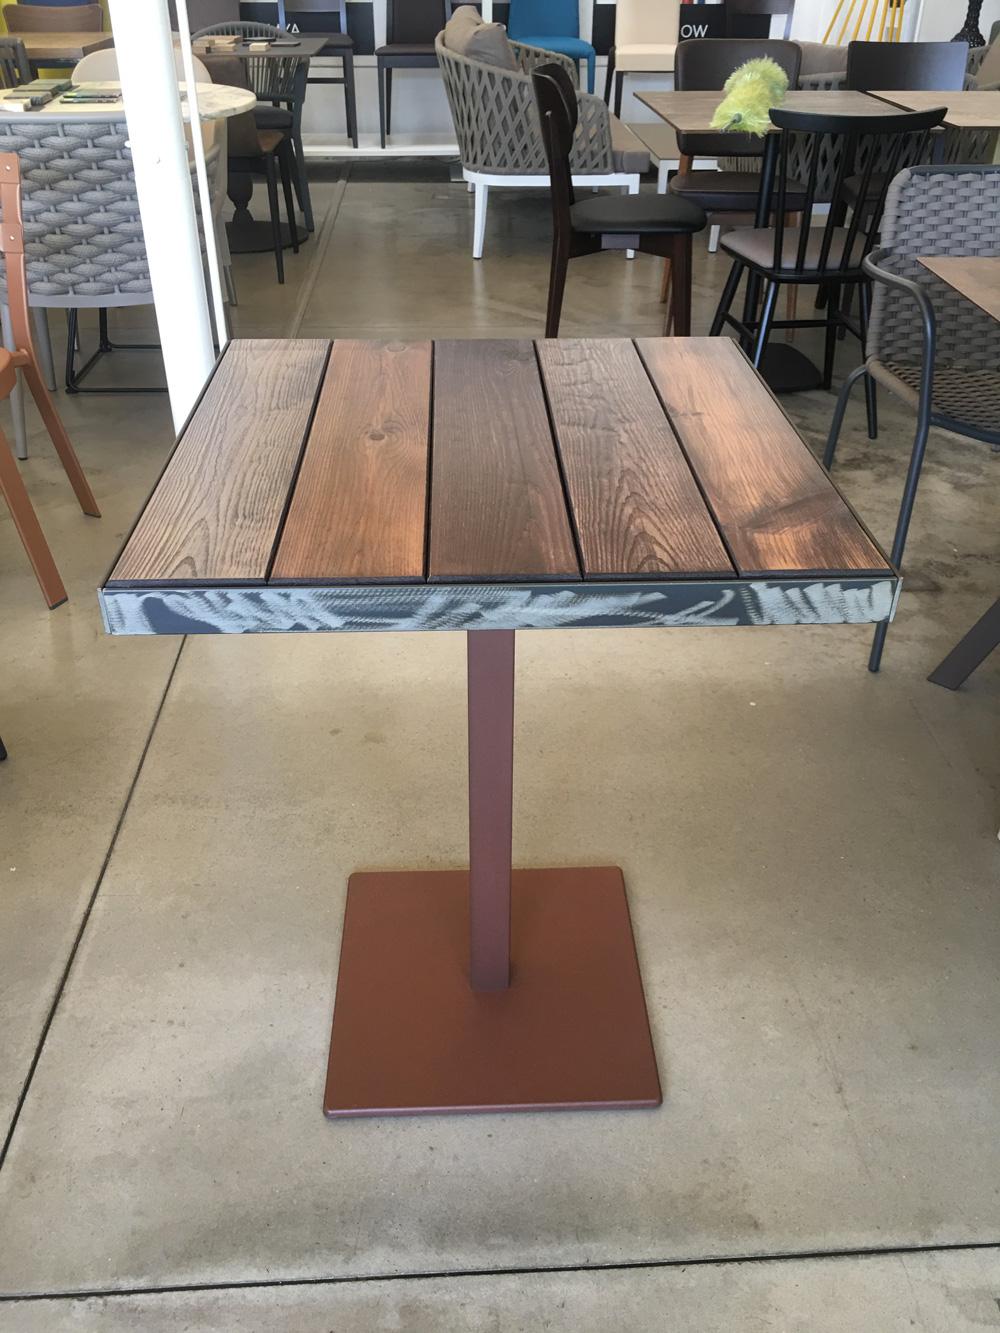 Tavoli Per Ristorante Da Esterno.Tavolo Piano Legno Doghe Per L Esterno Disponibile In Varie